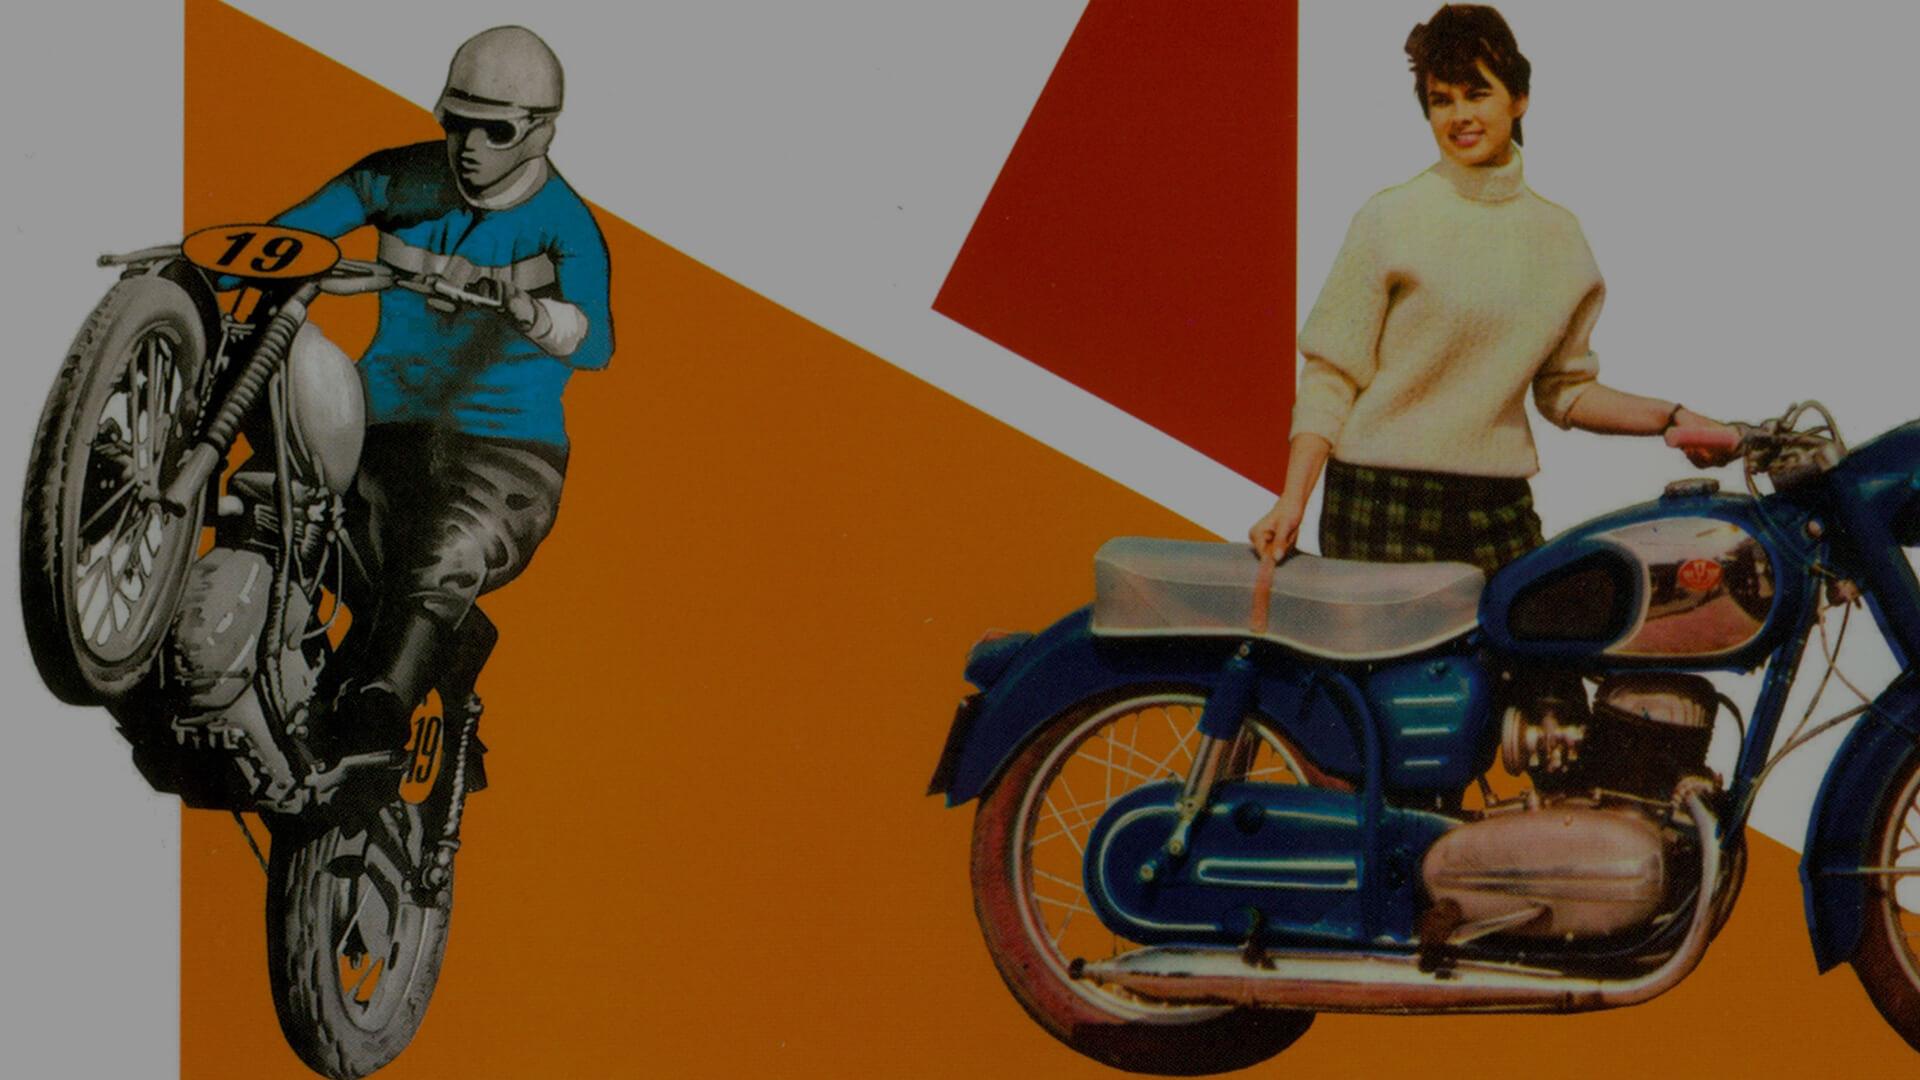 Motortörténeti plakát- és reklám vándorkiállítás